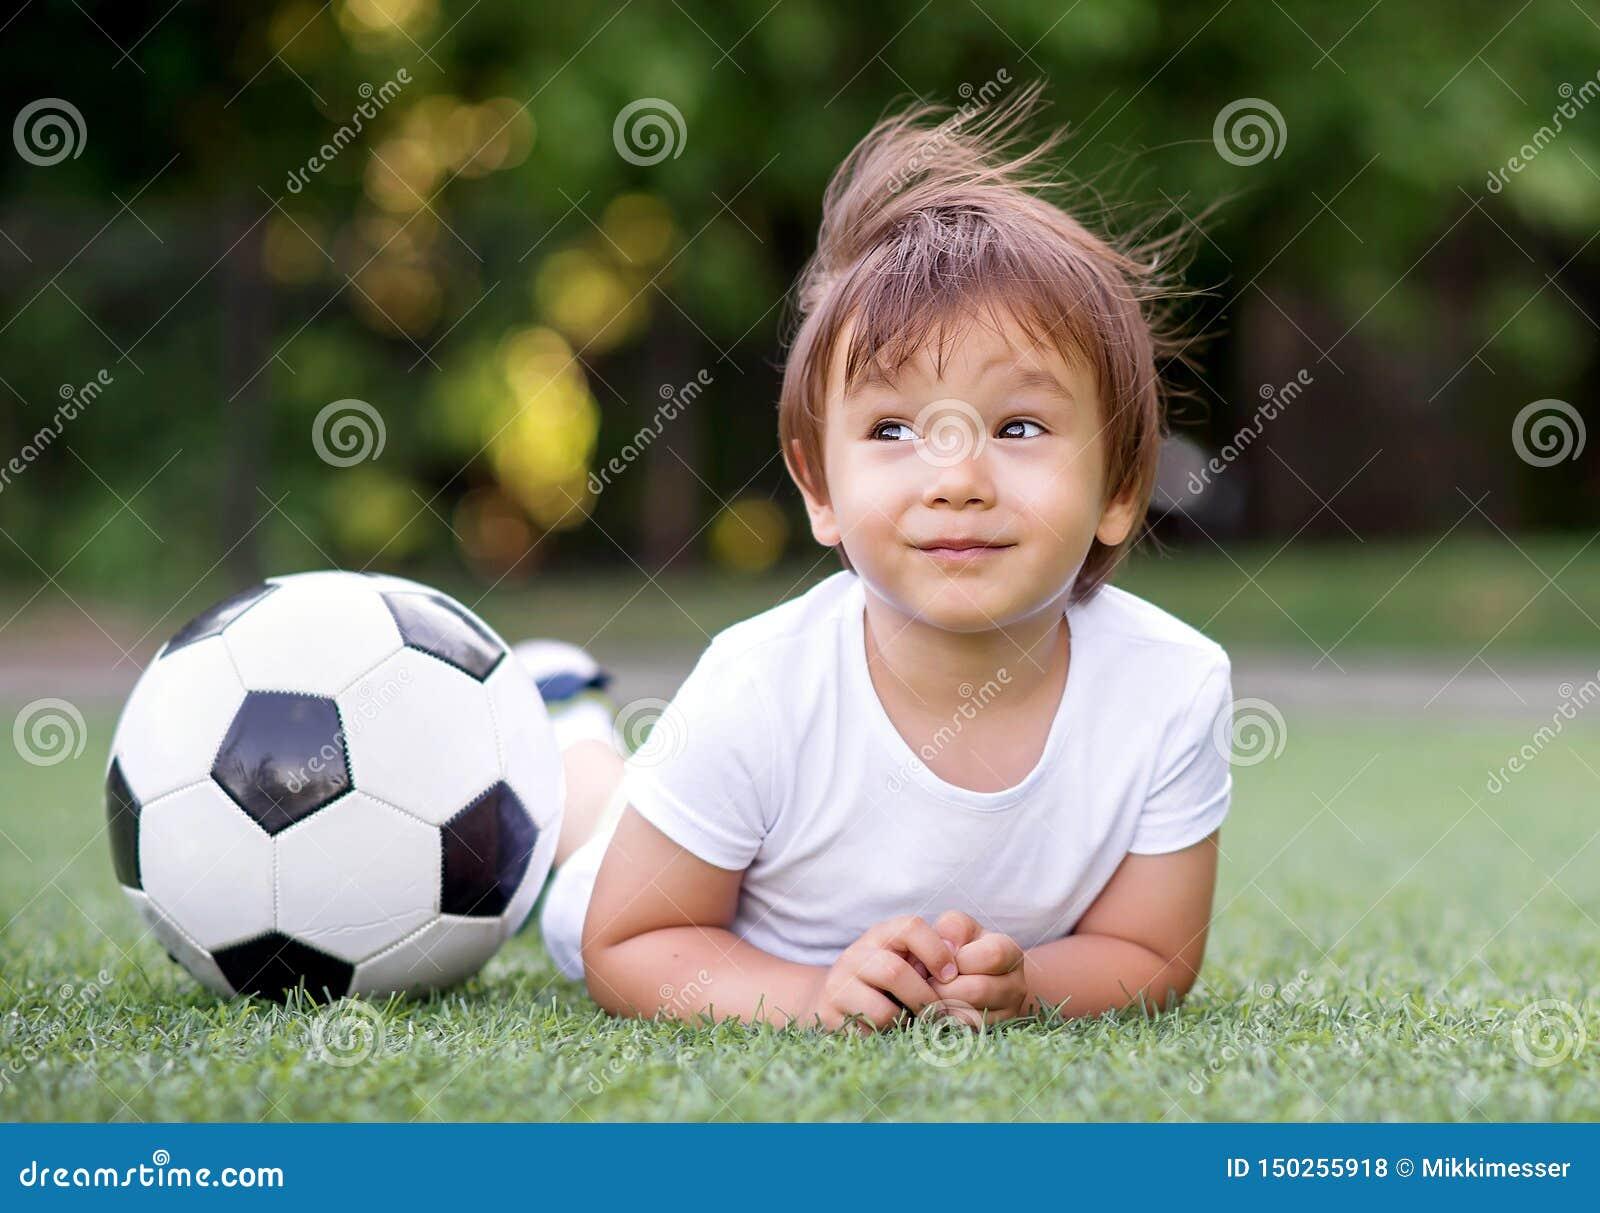 Маленький ребенок малыша кладя на живот на футбольном поле около футбольного мяча и мечтать Ветер развевает волосы ребенк Будущий